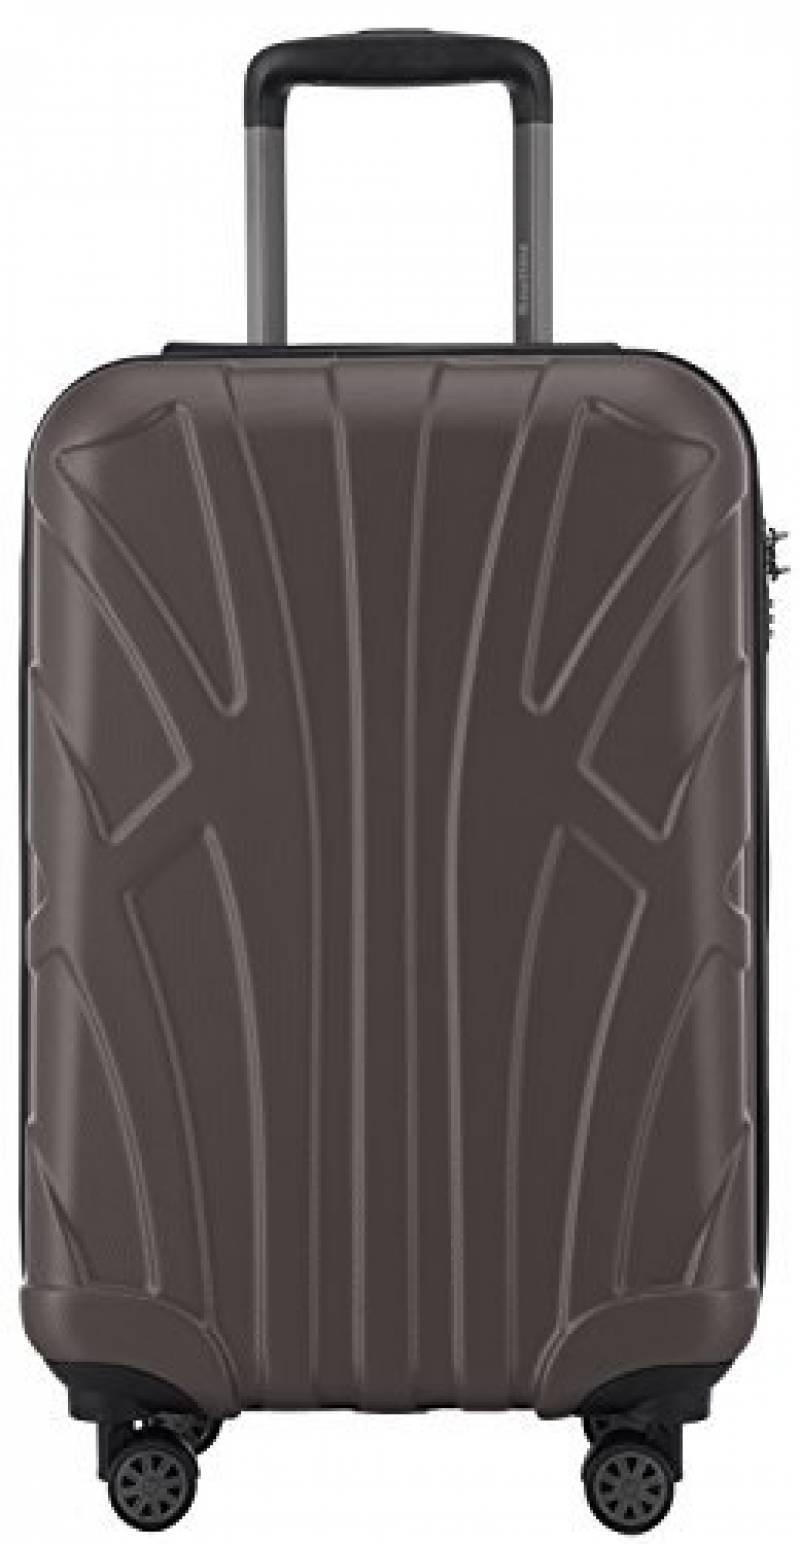 détaillant en ligne fb23f 482df Brussels airlines bagages : le top 15 pour 2019 - Top Bagages